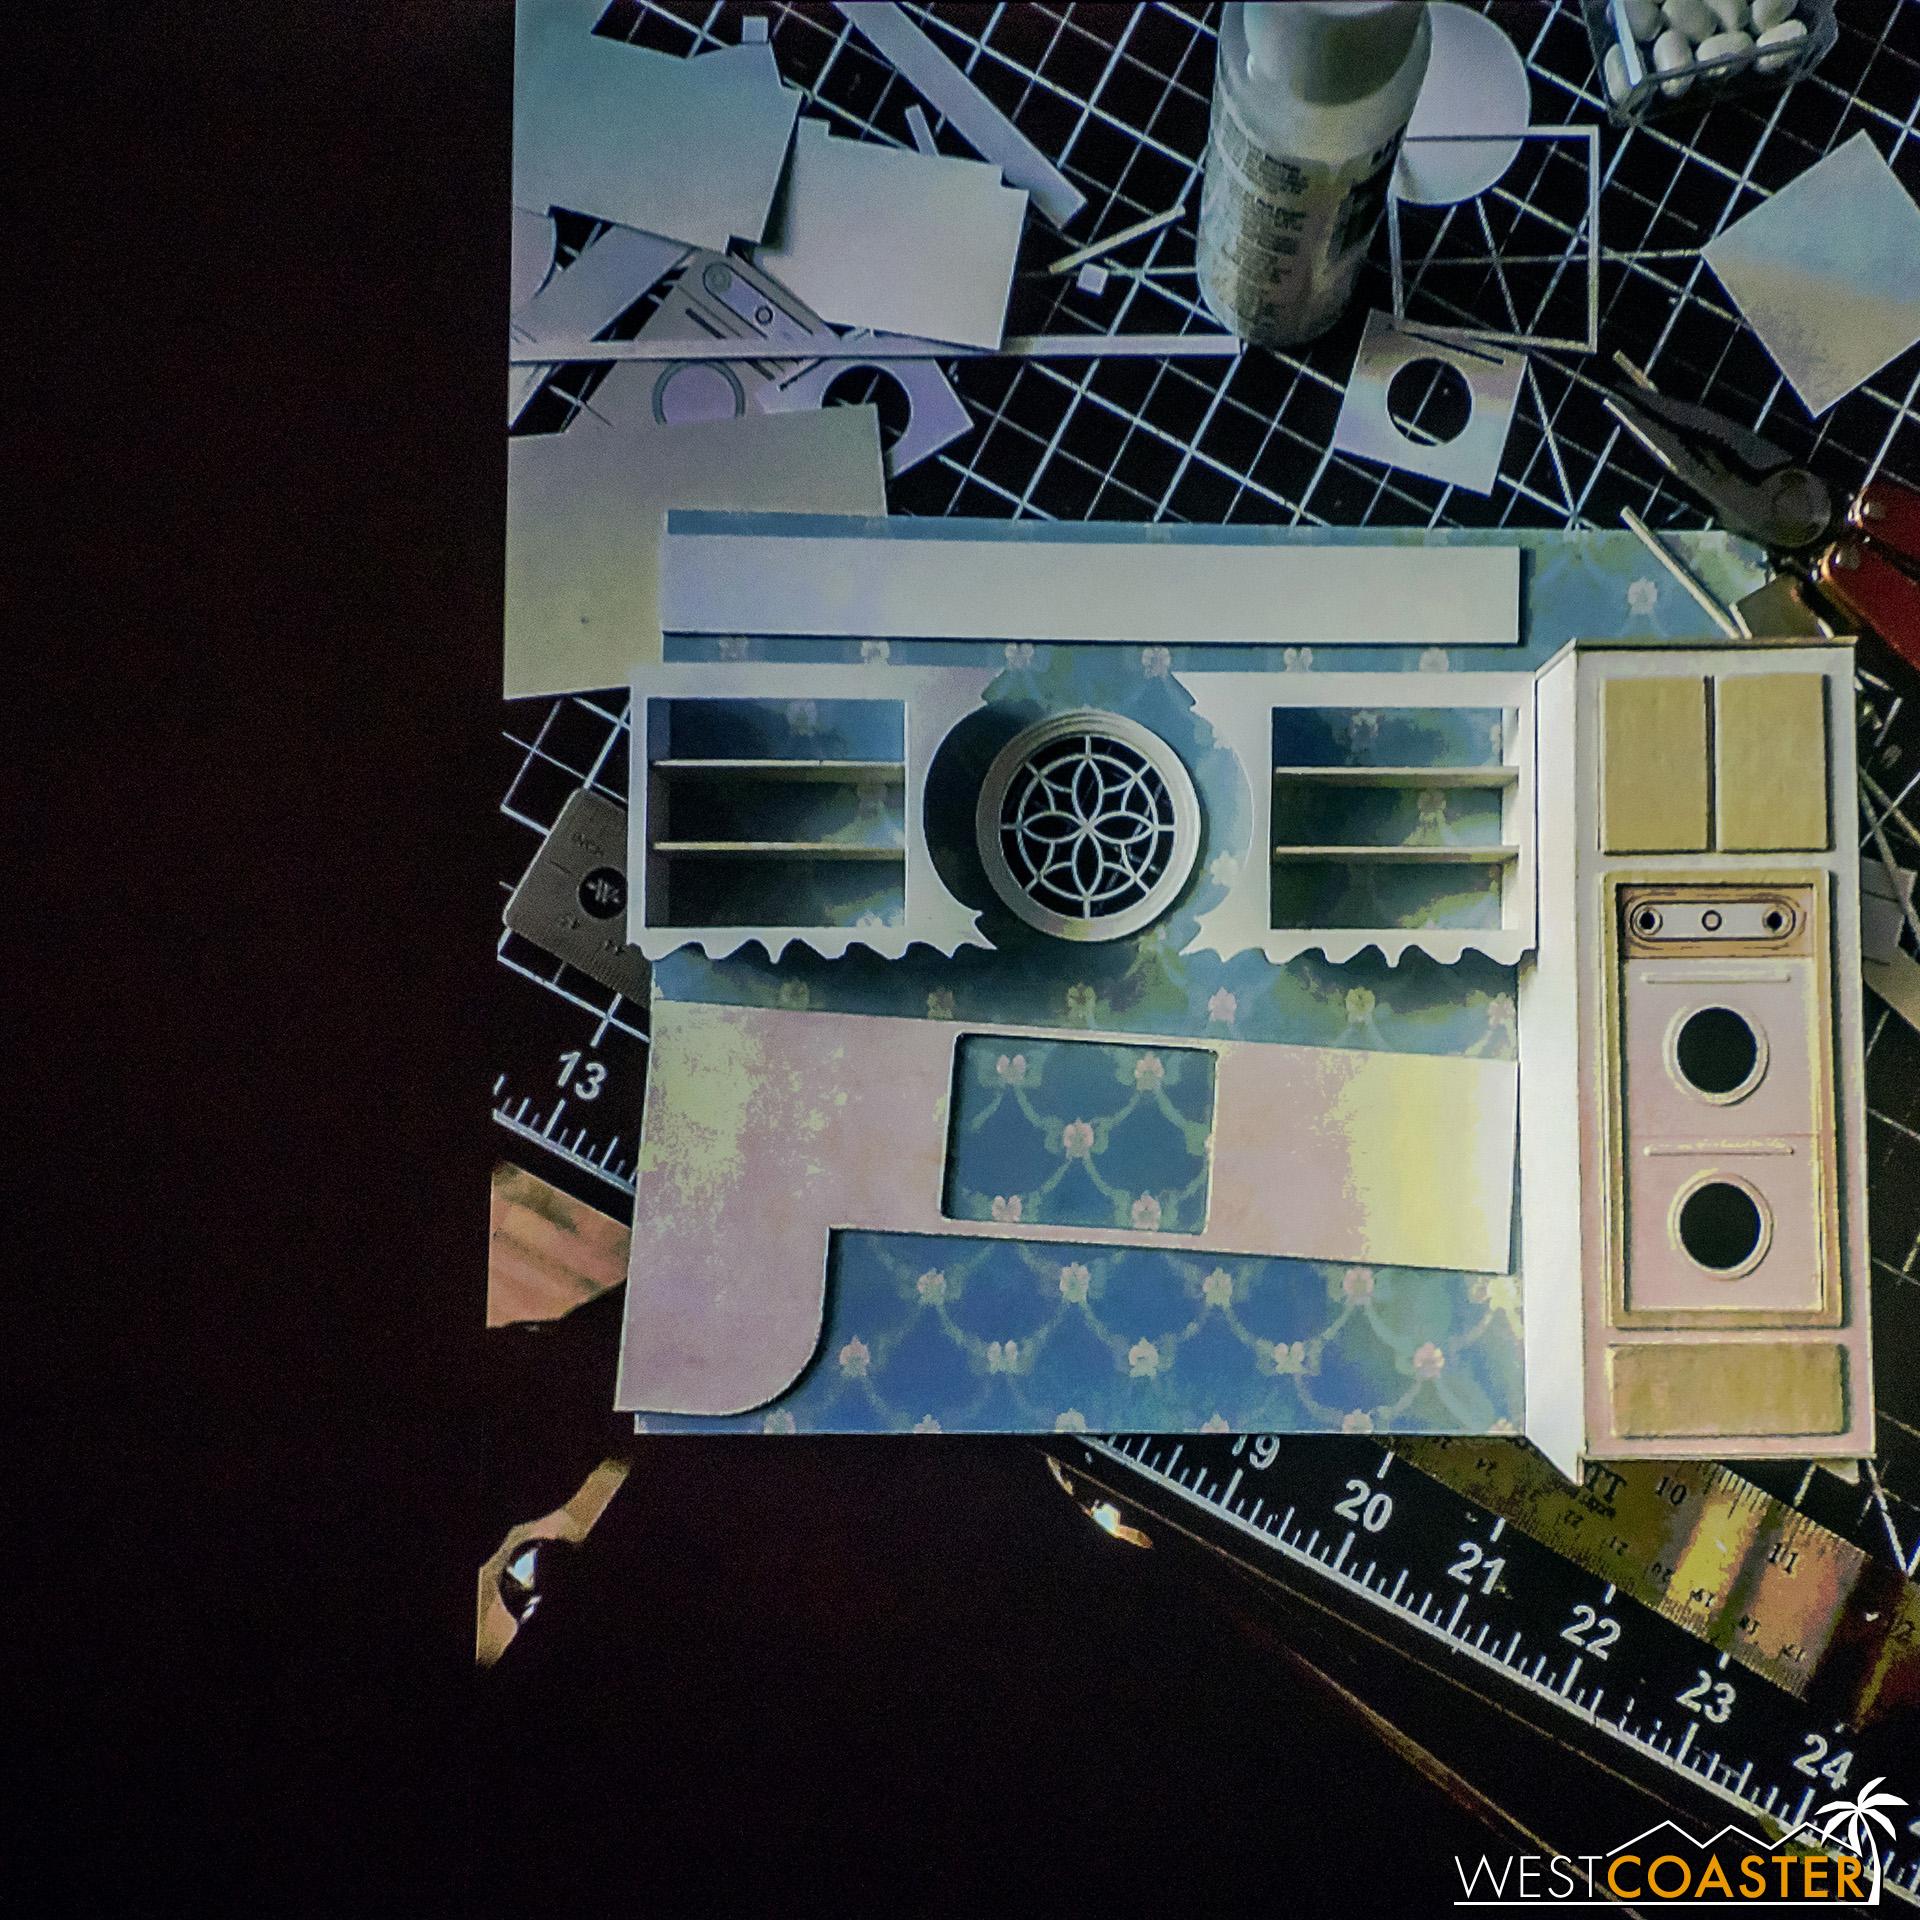 MSS-19_0806-H-ChristineMcConnell-0012.jpg